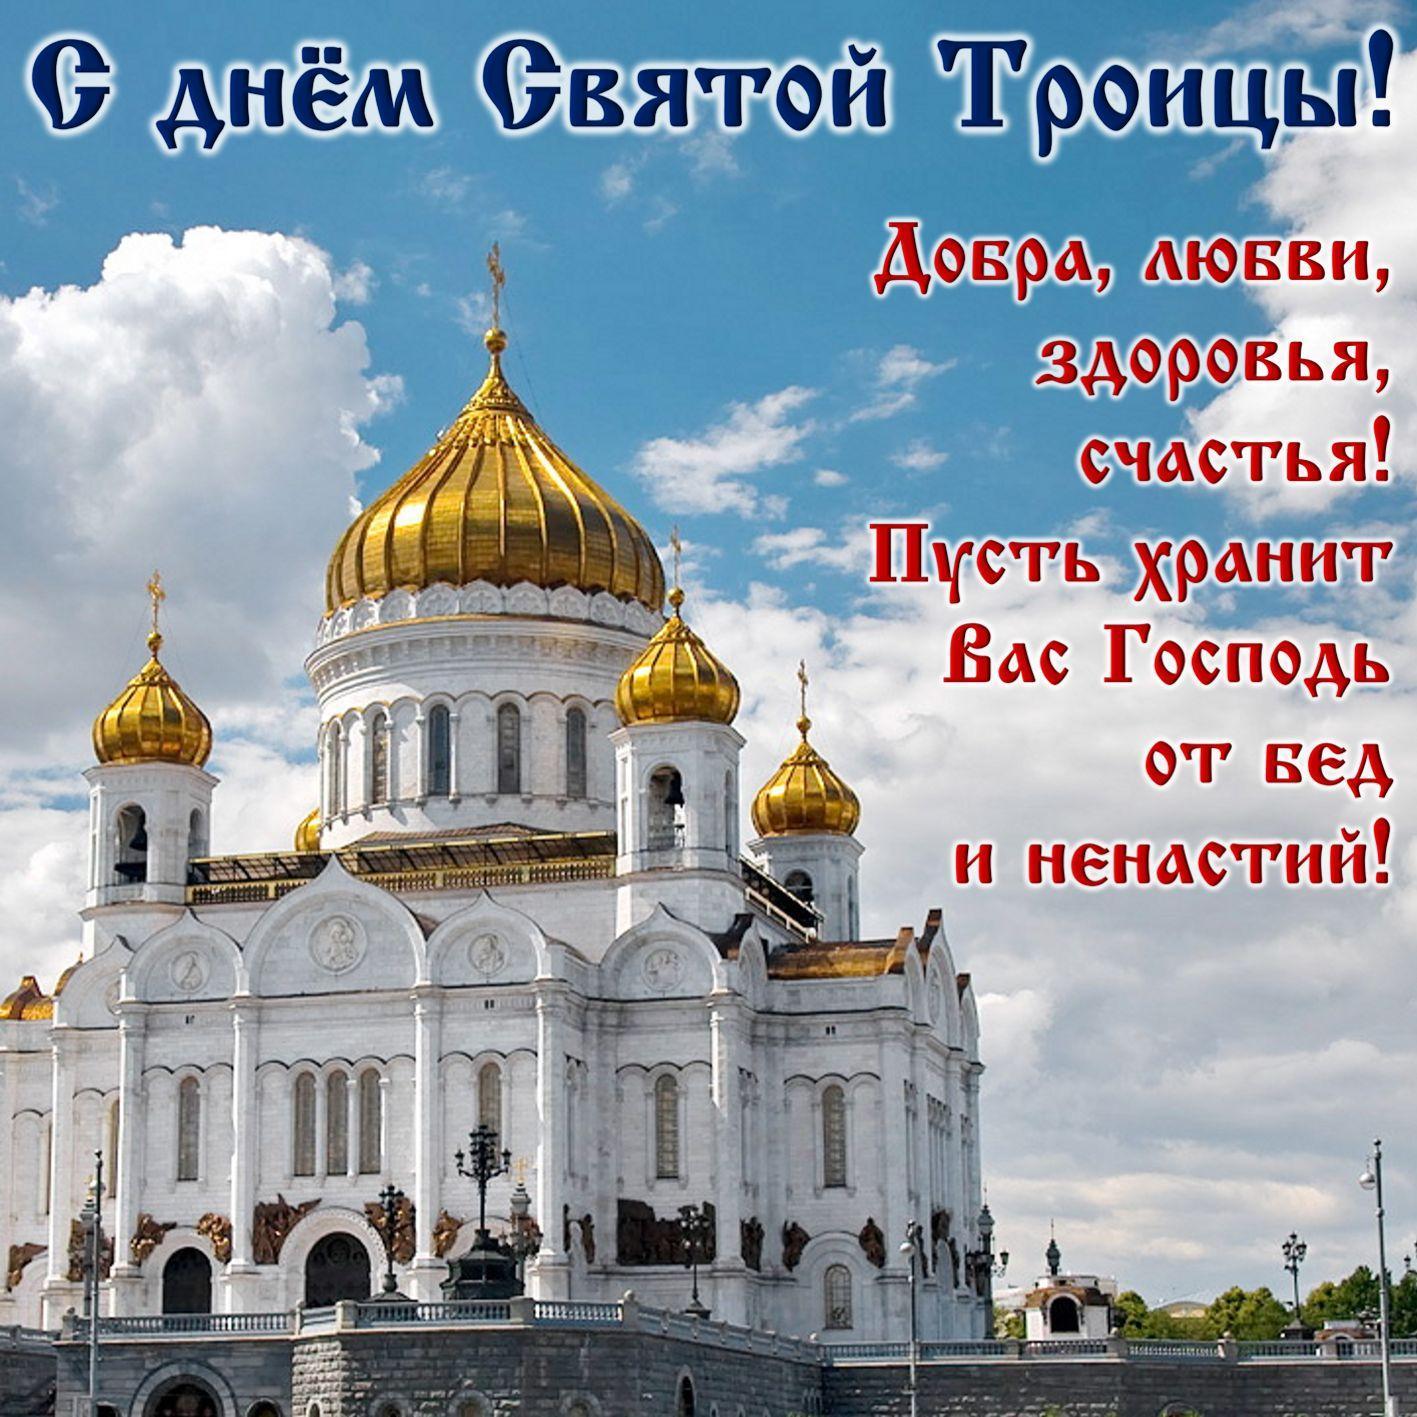 Фото Святая Троица 20 июня: душевные открытки и поздравления 5